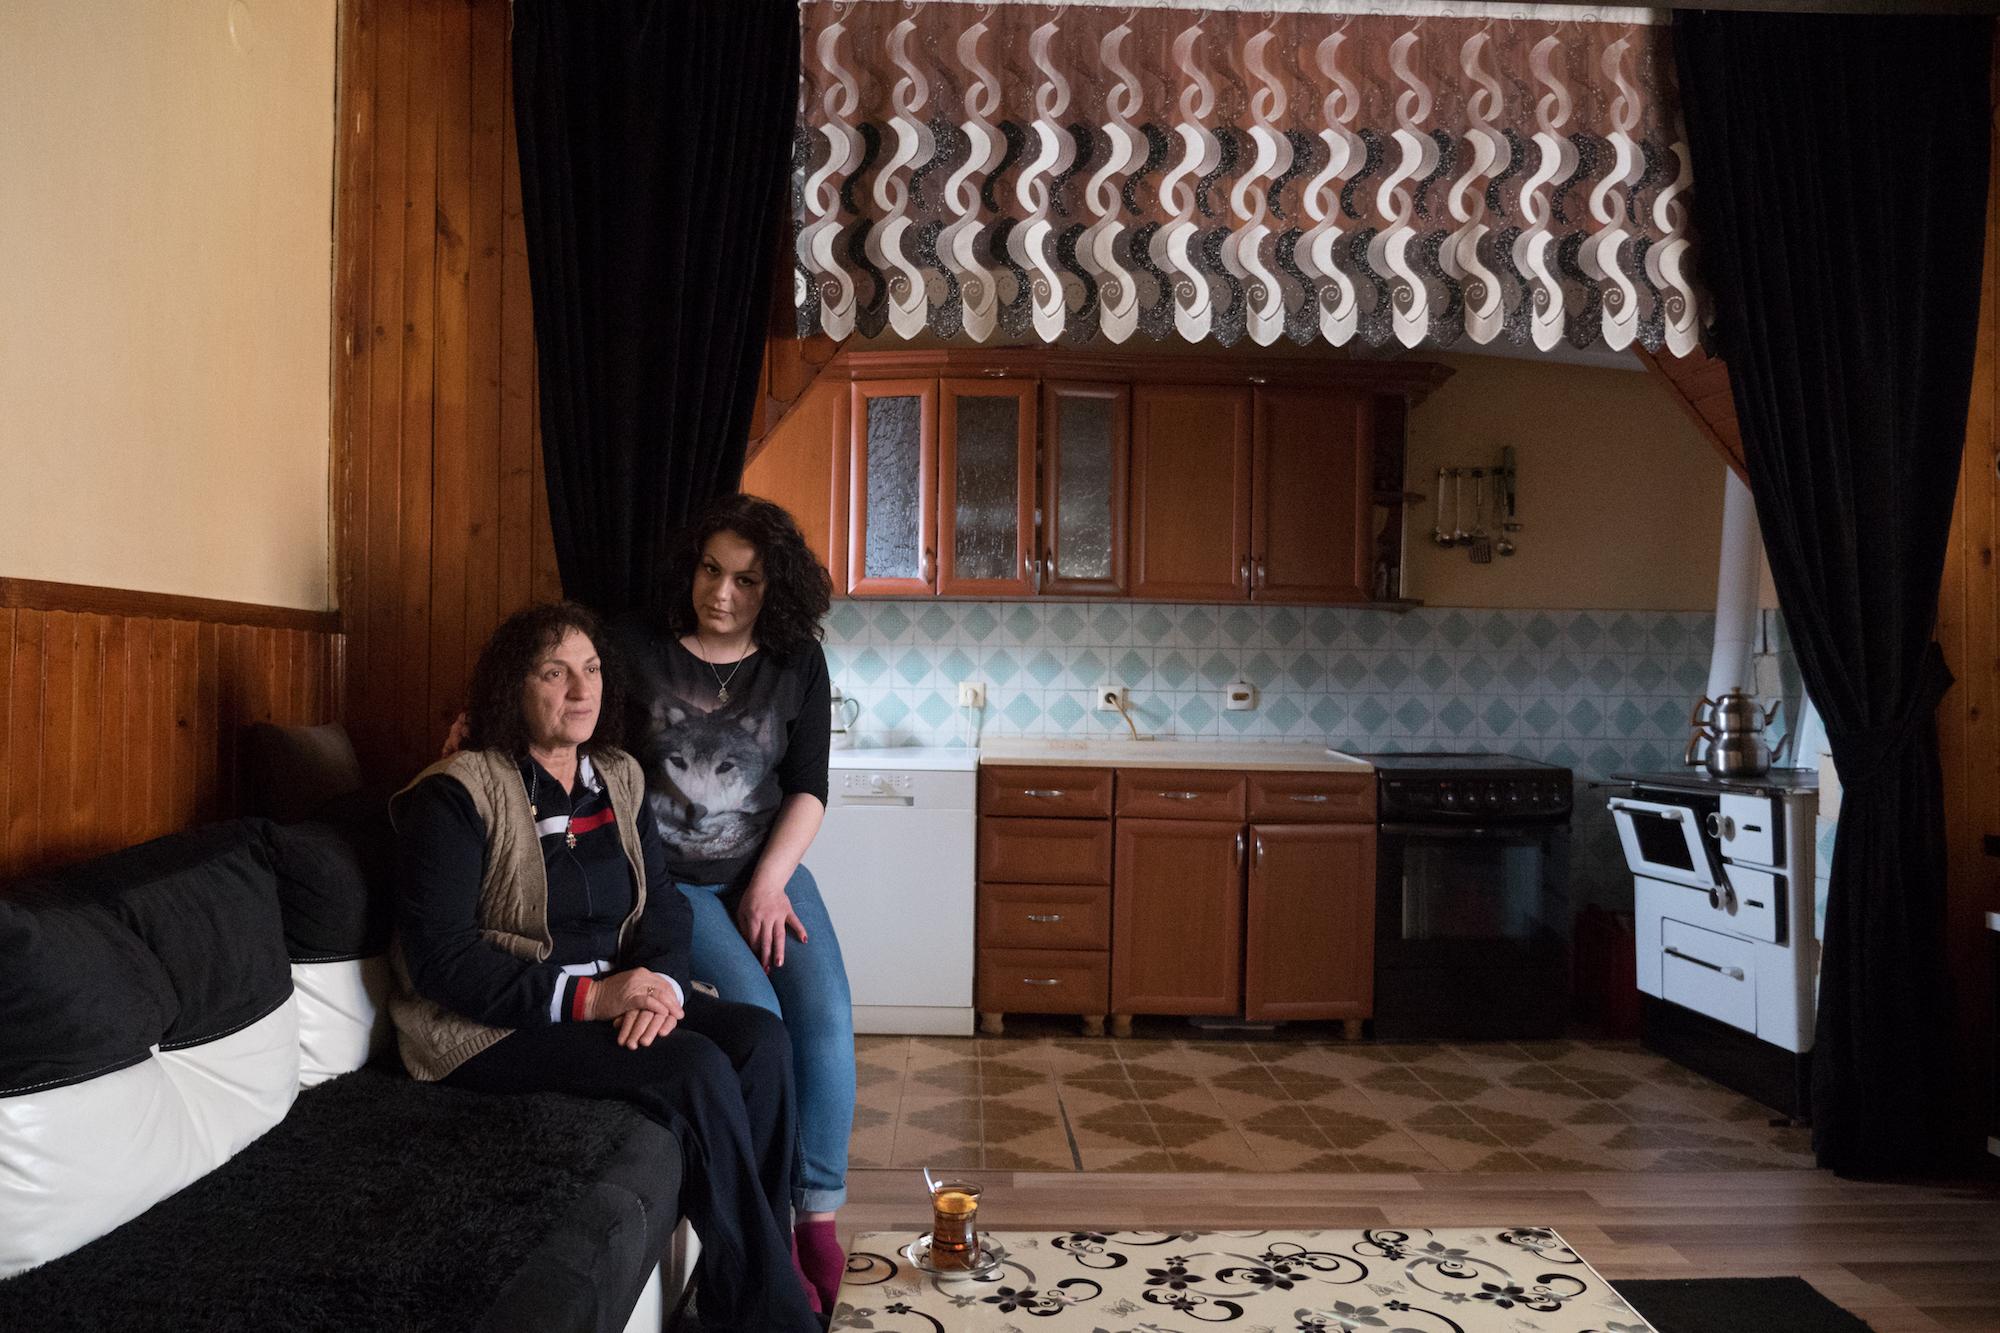 Sadije Sadiku, 20, mit Ihrer zuckerkranken Mutter. Sadije wurde in Deutschland geboren, letztes Jahr wurde ihr Asylantrag abgelehnt